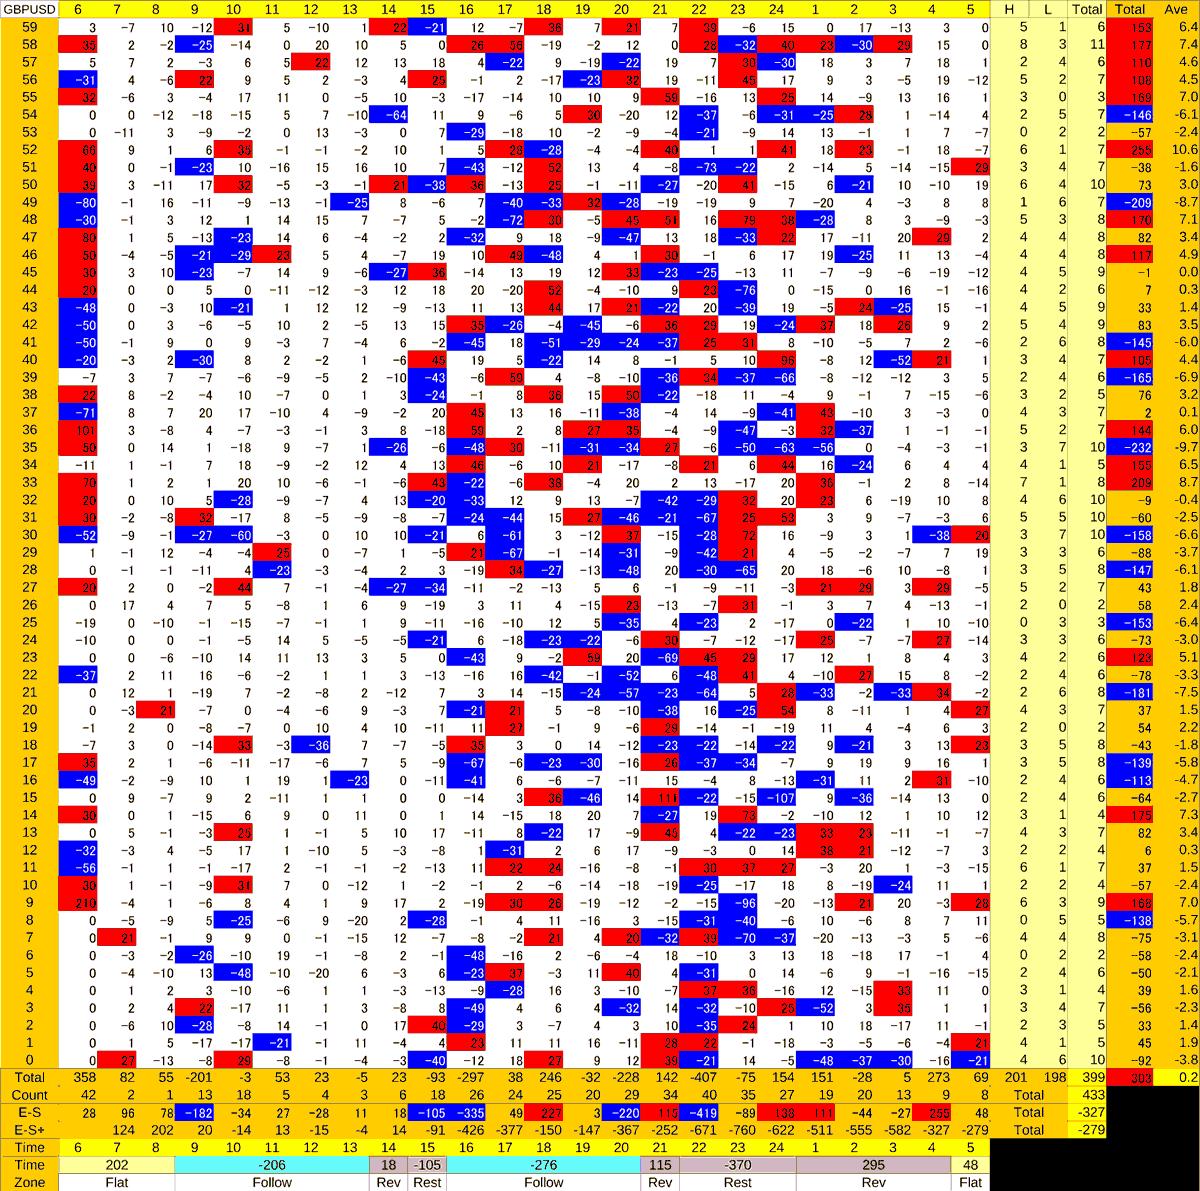 20200902_HS(2)GBPUSD